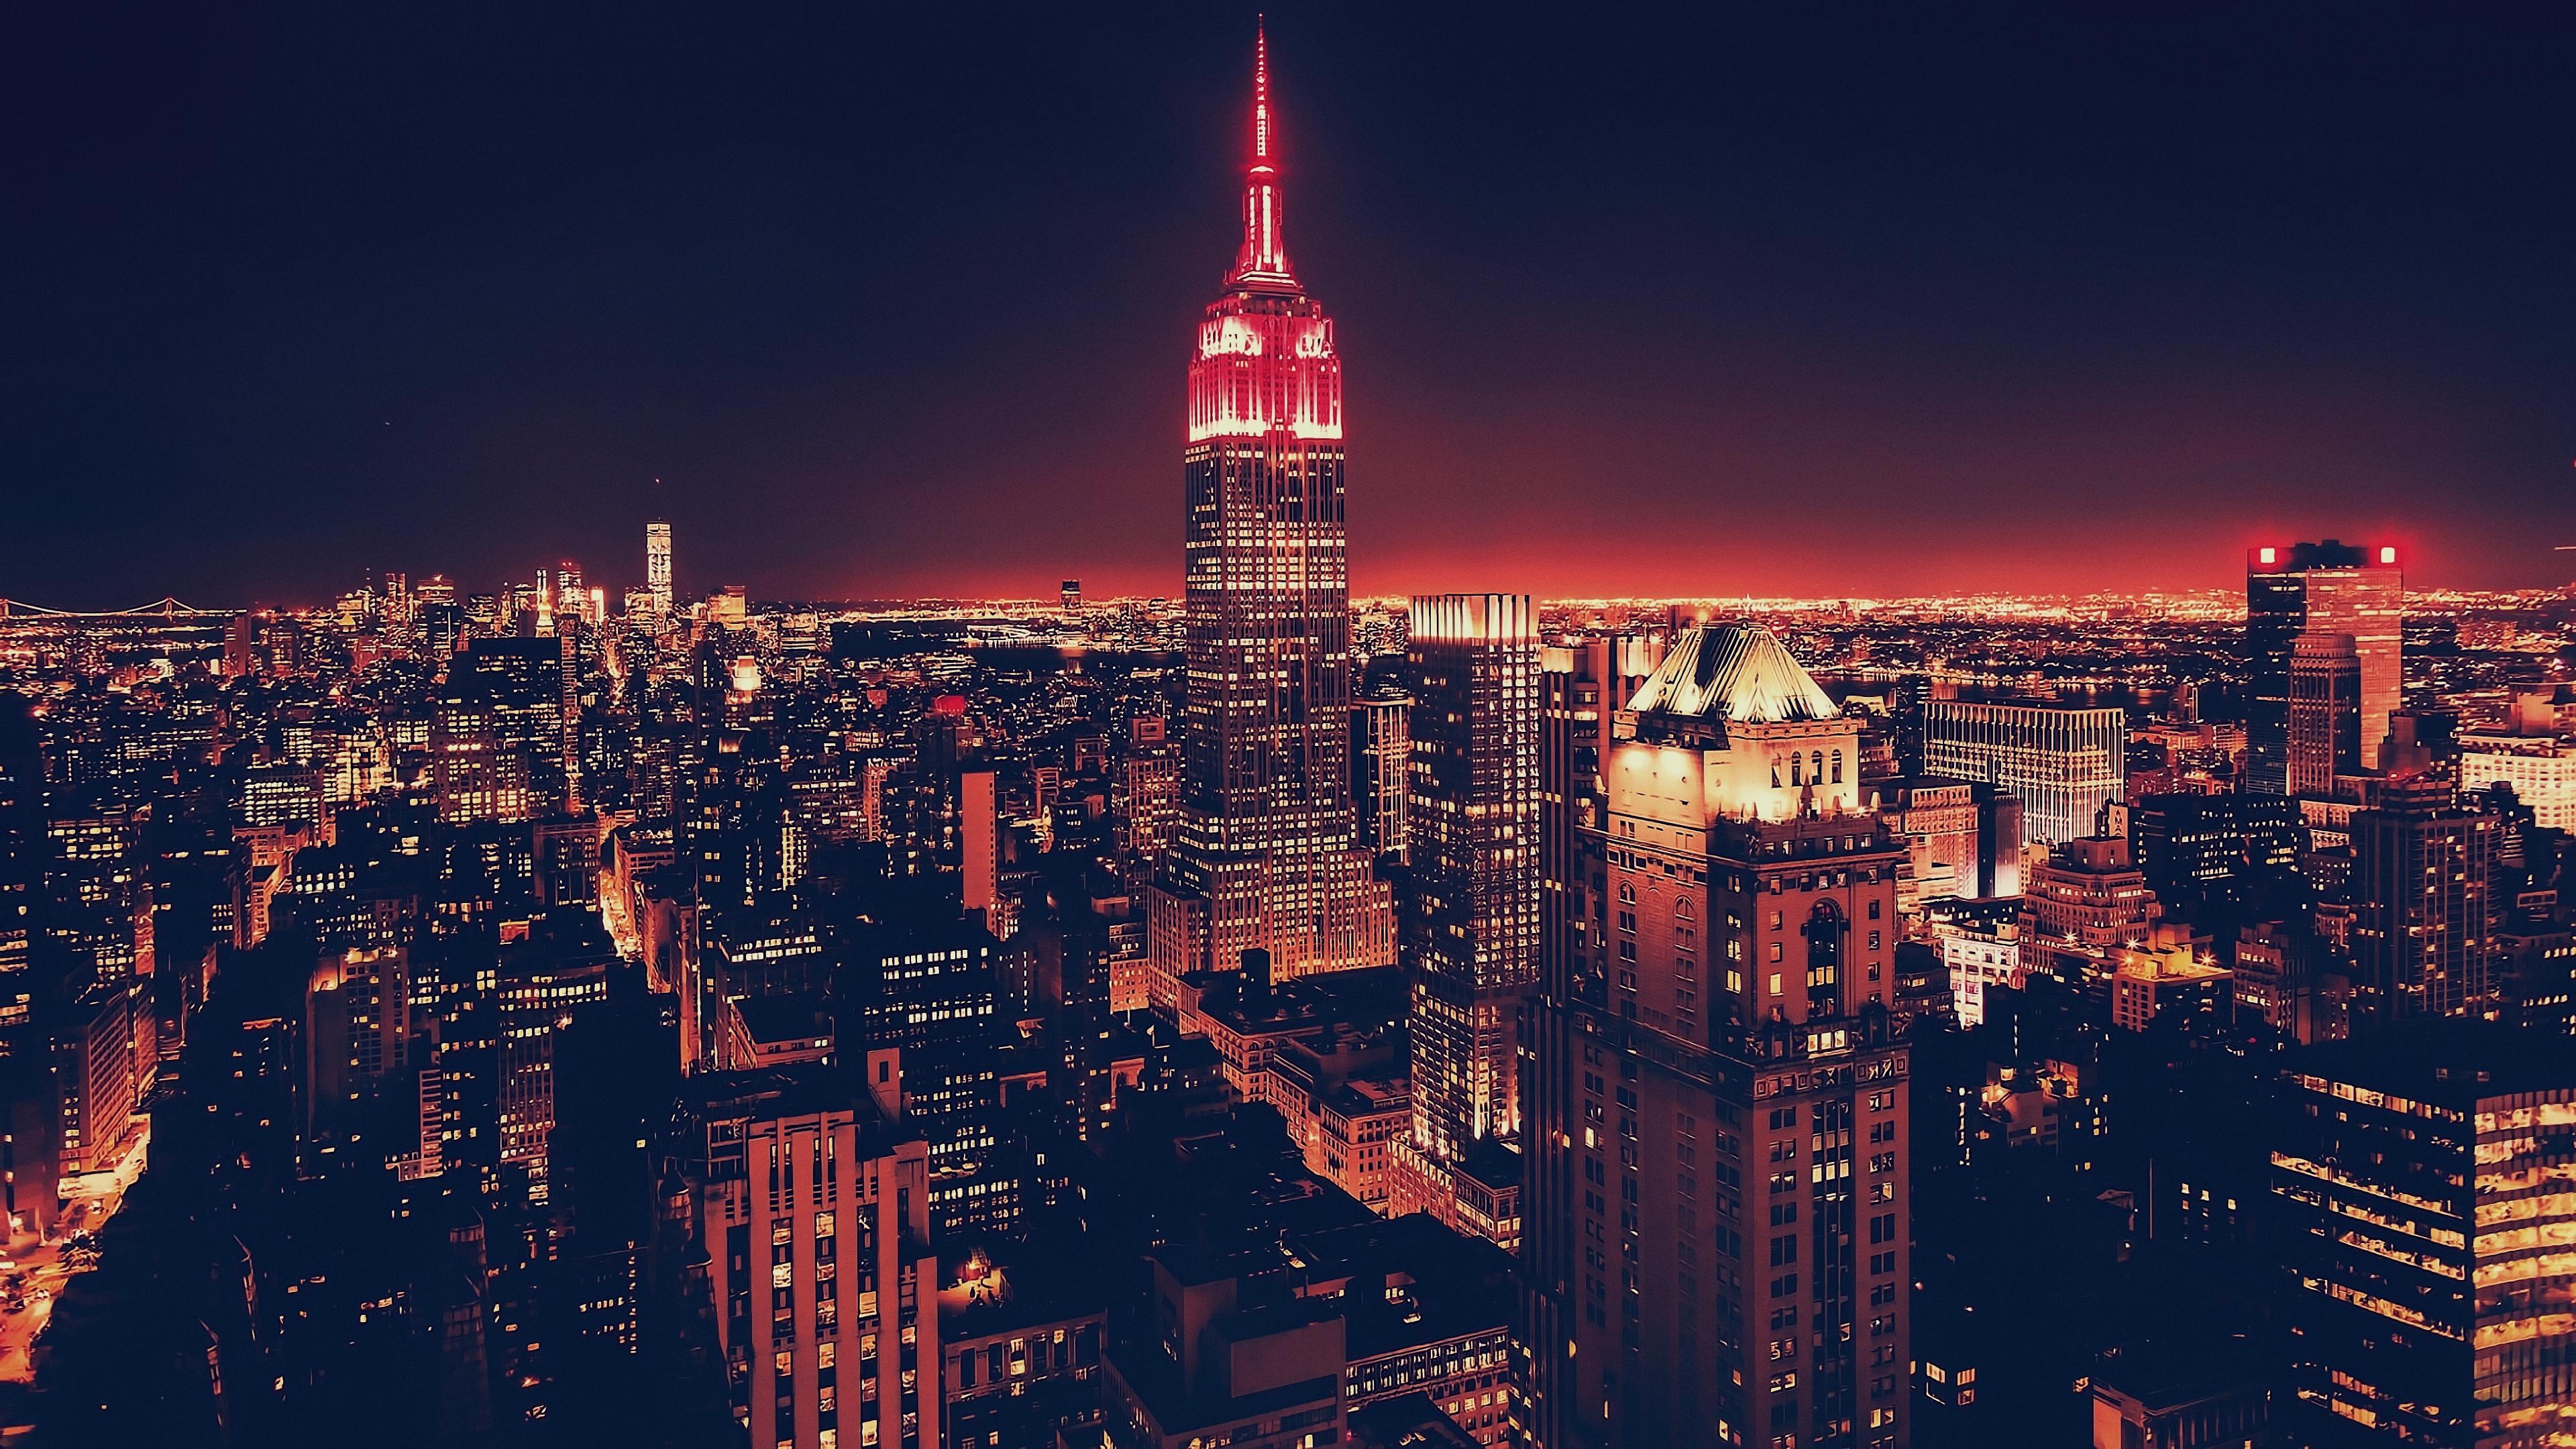 небоскребы ночь город  № 3358864 загрузить